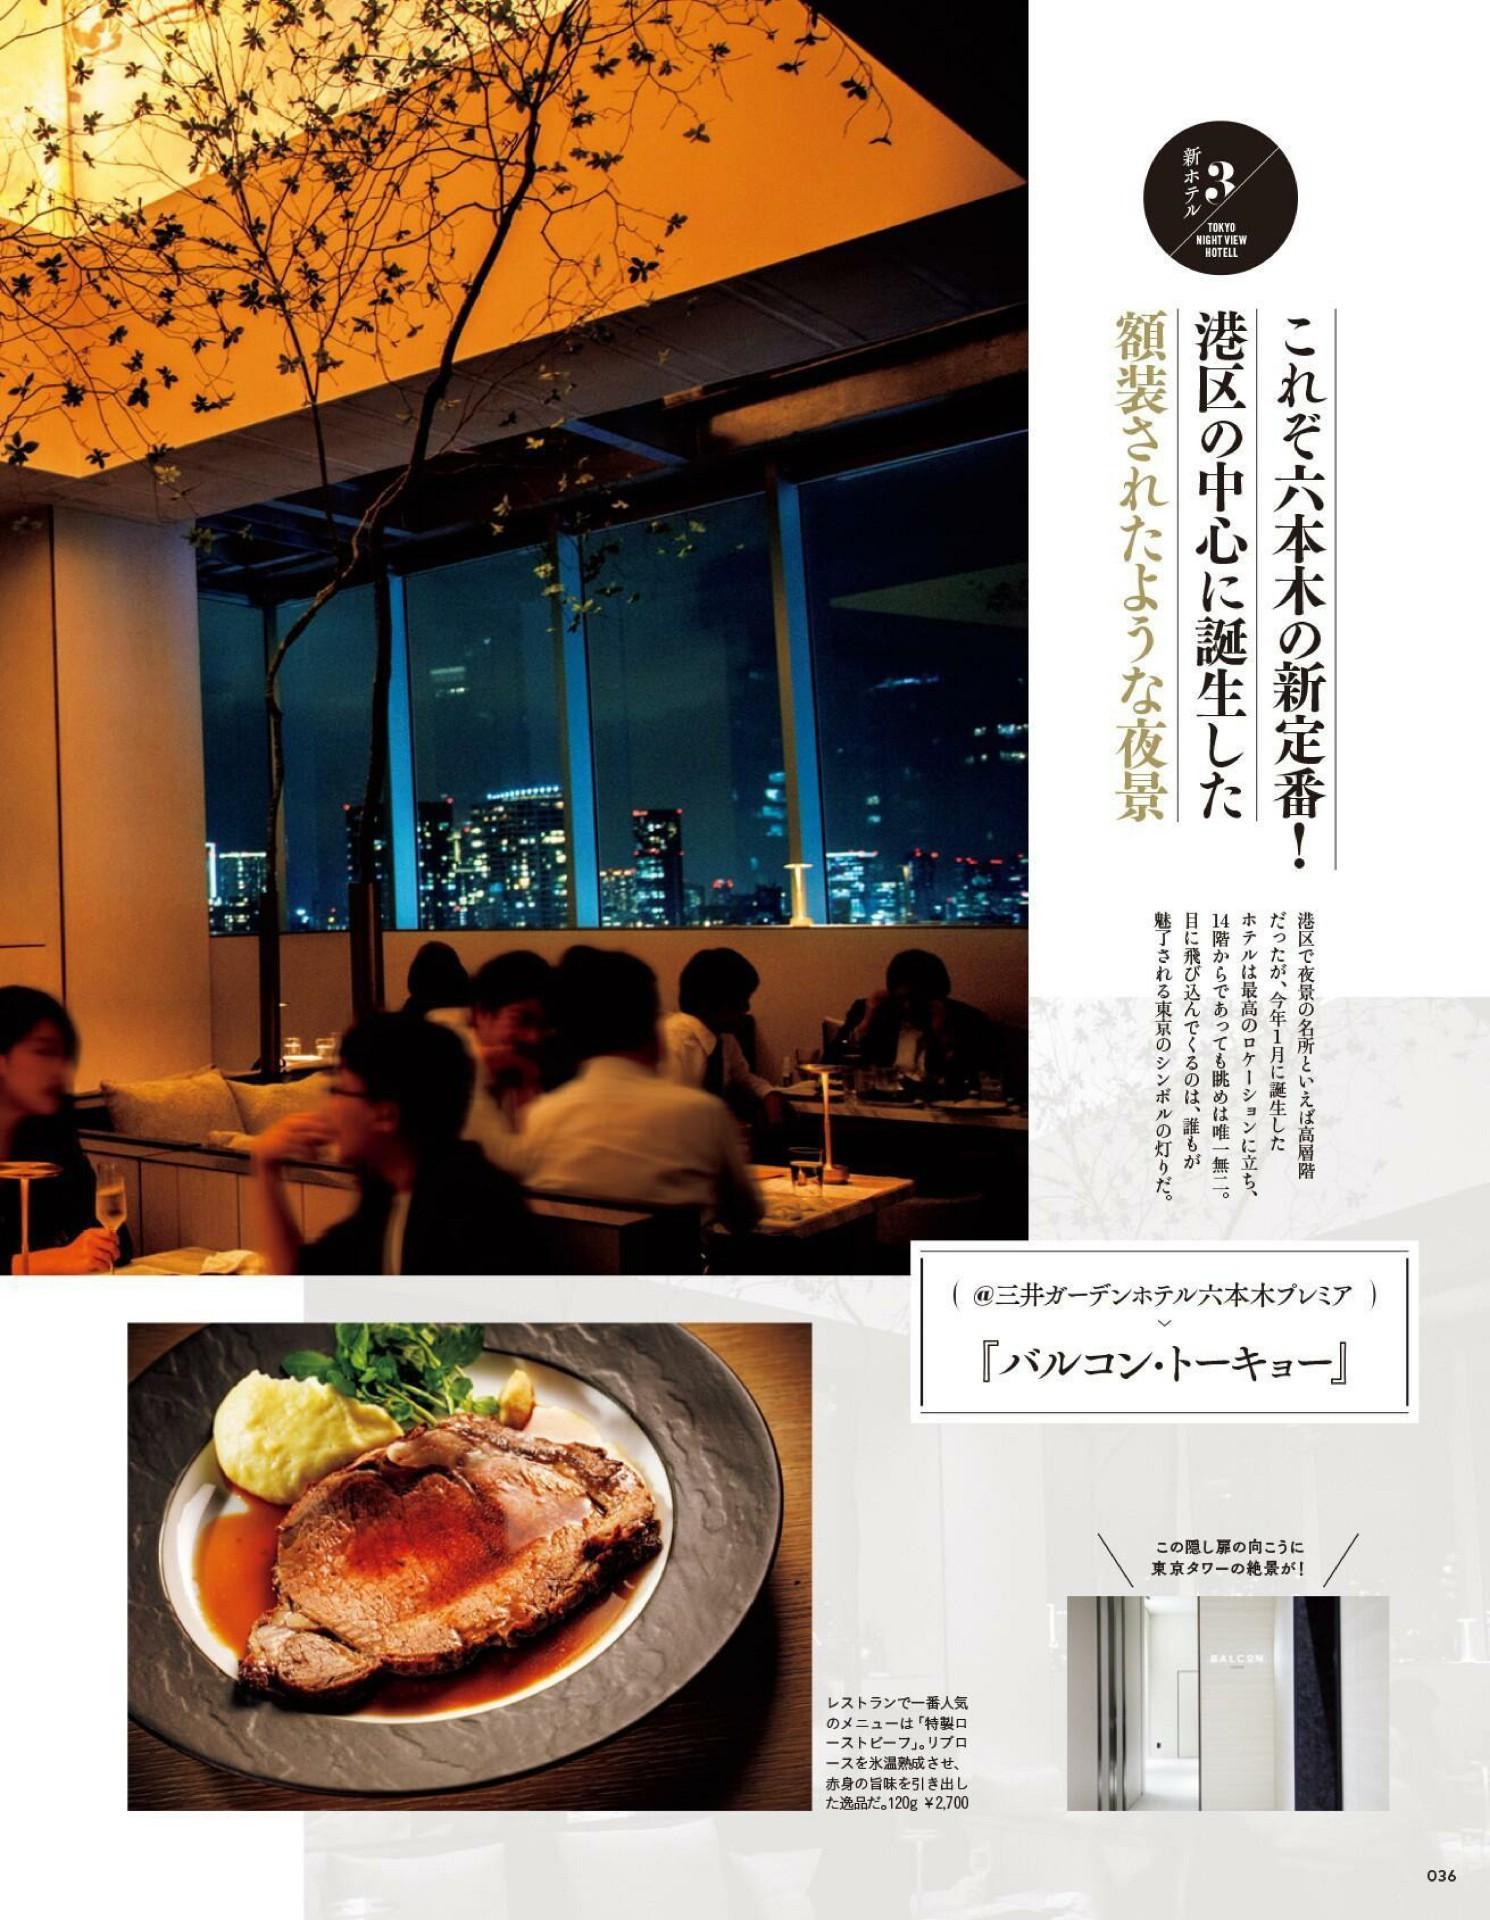 Tokyo Calendar 2020-09_imgs-0036